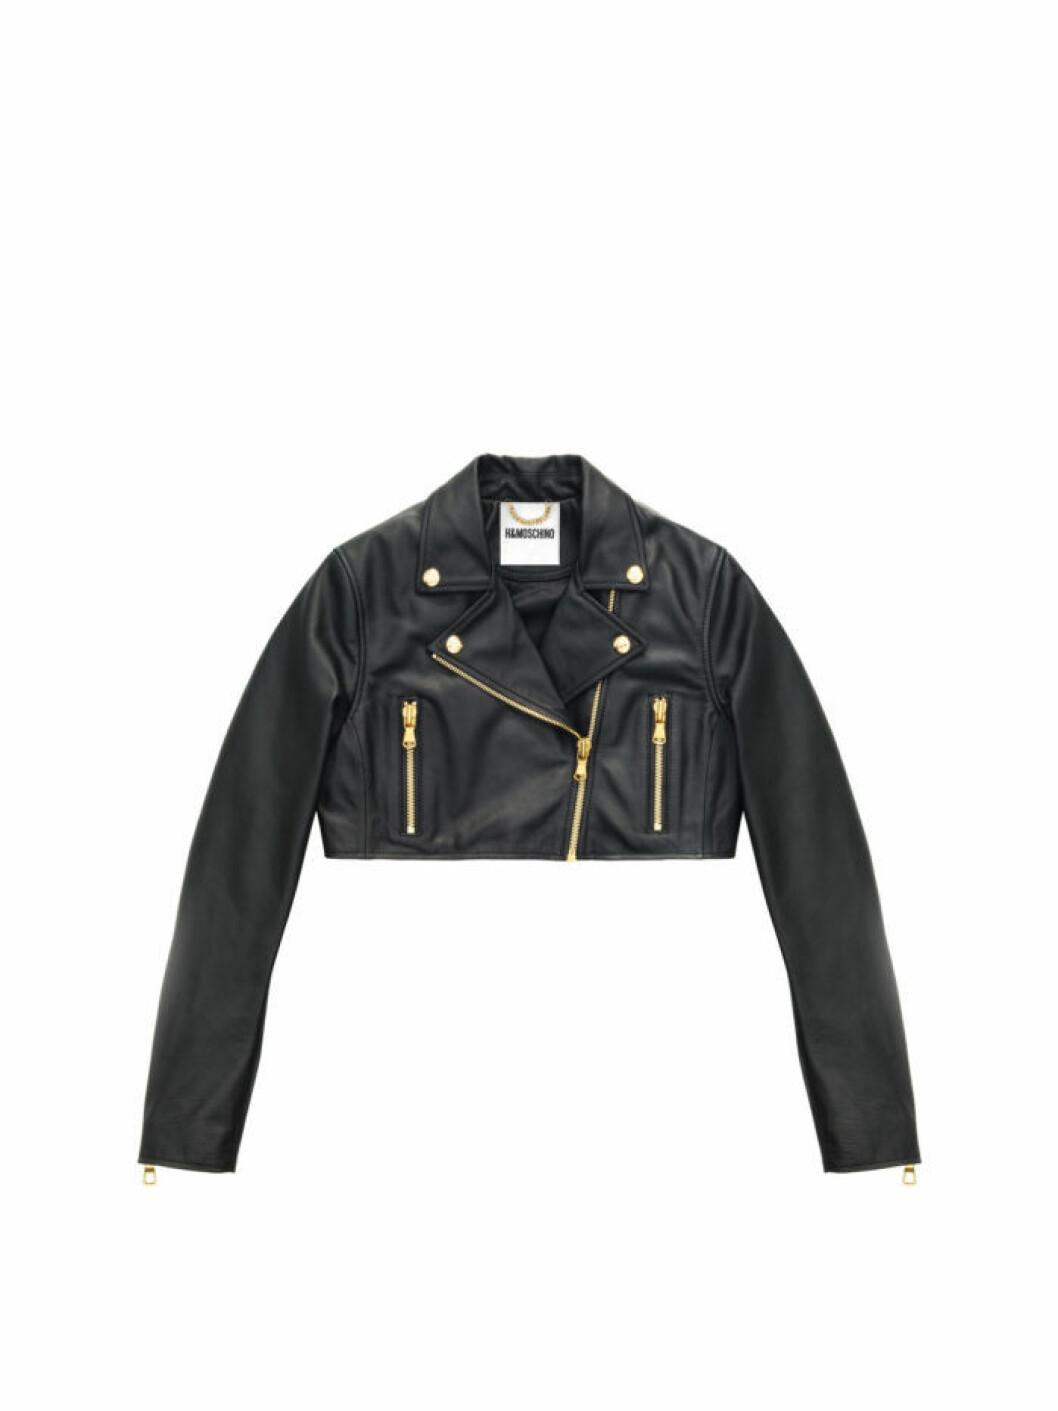 Croppad svart skinnjacka med guldiga detaljer Moschino [tv] H&M